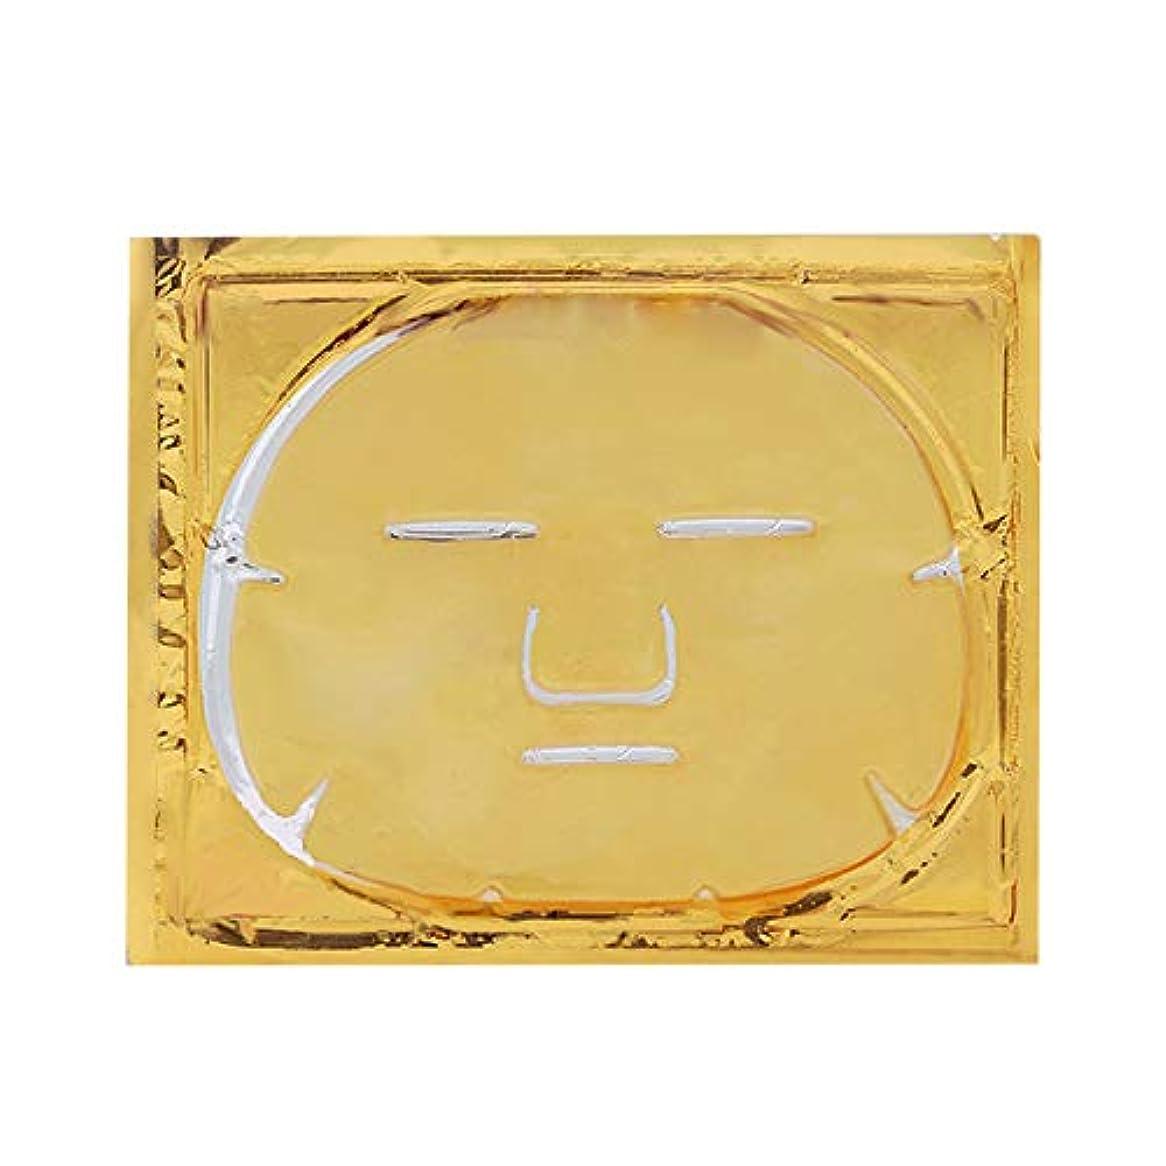 カフェテリア差別的チェスをするSODIAL ゴールド ゲル コラーゲン 水晶フェイシャル?マスク シート パッチ アンチエイジング、美白、むくみ、しわ、保湿、深部組織の若返りと水分補給用